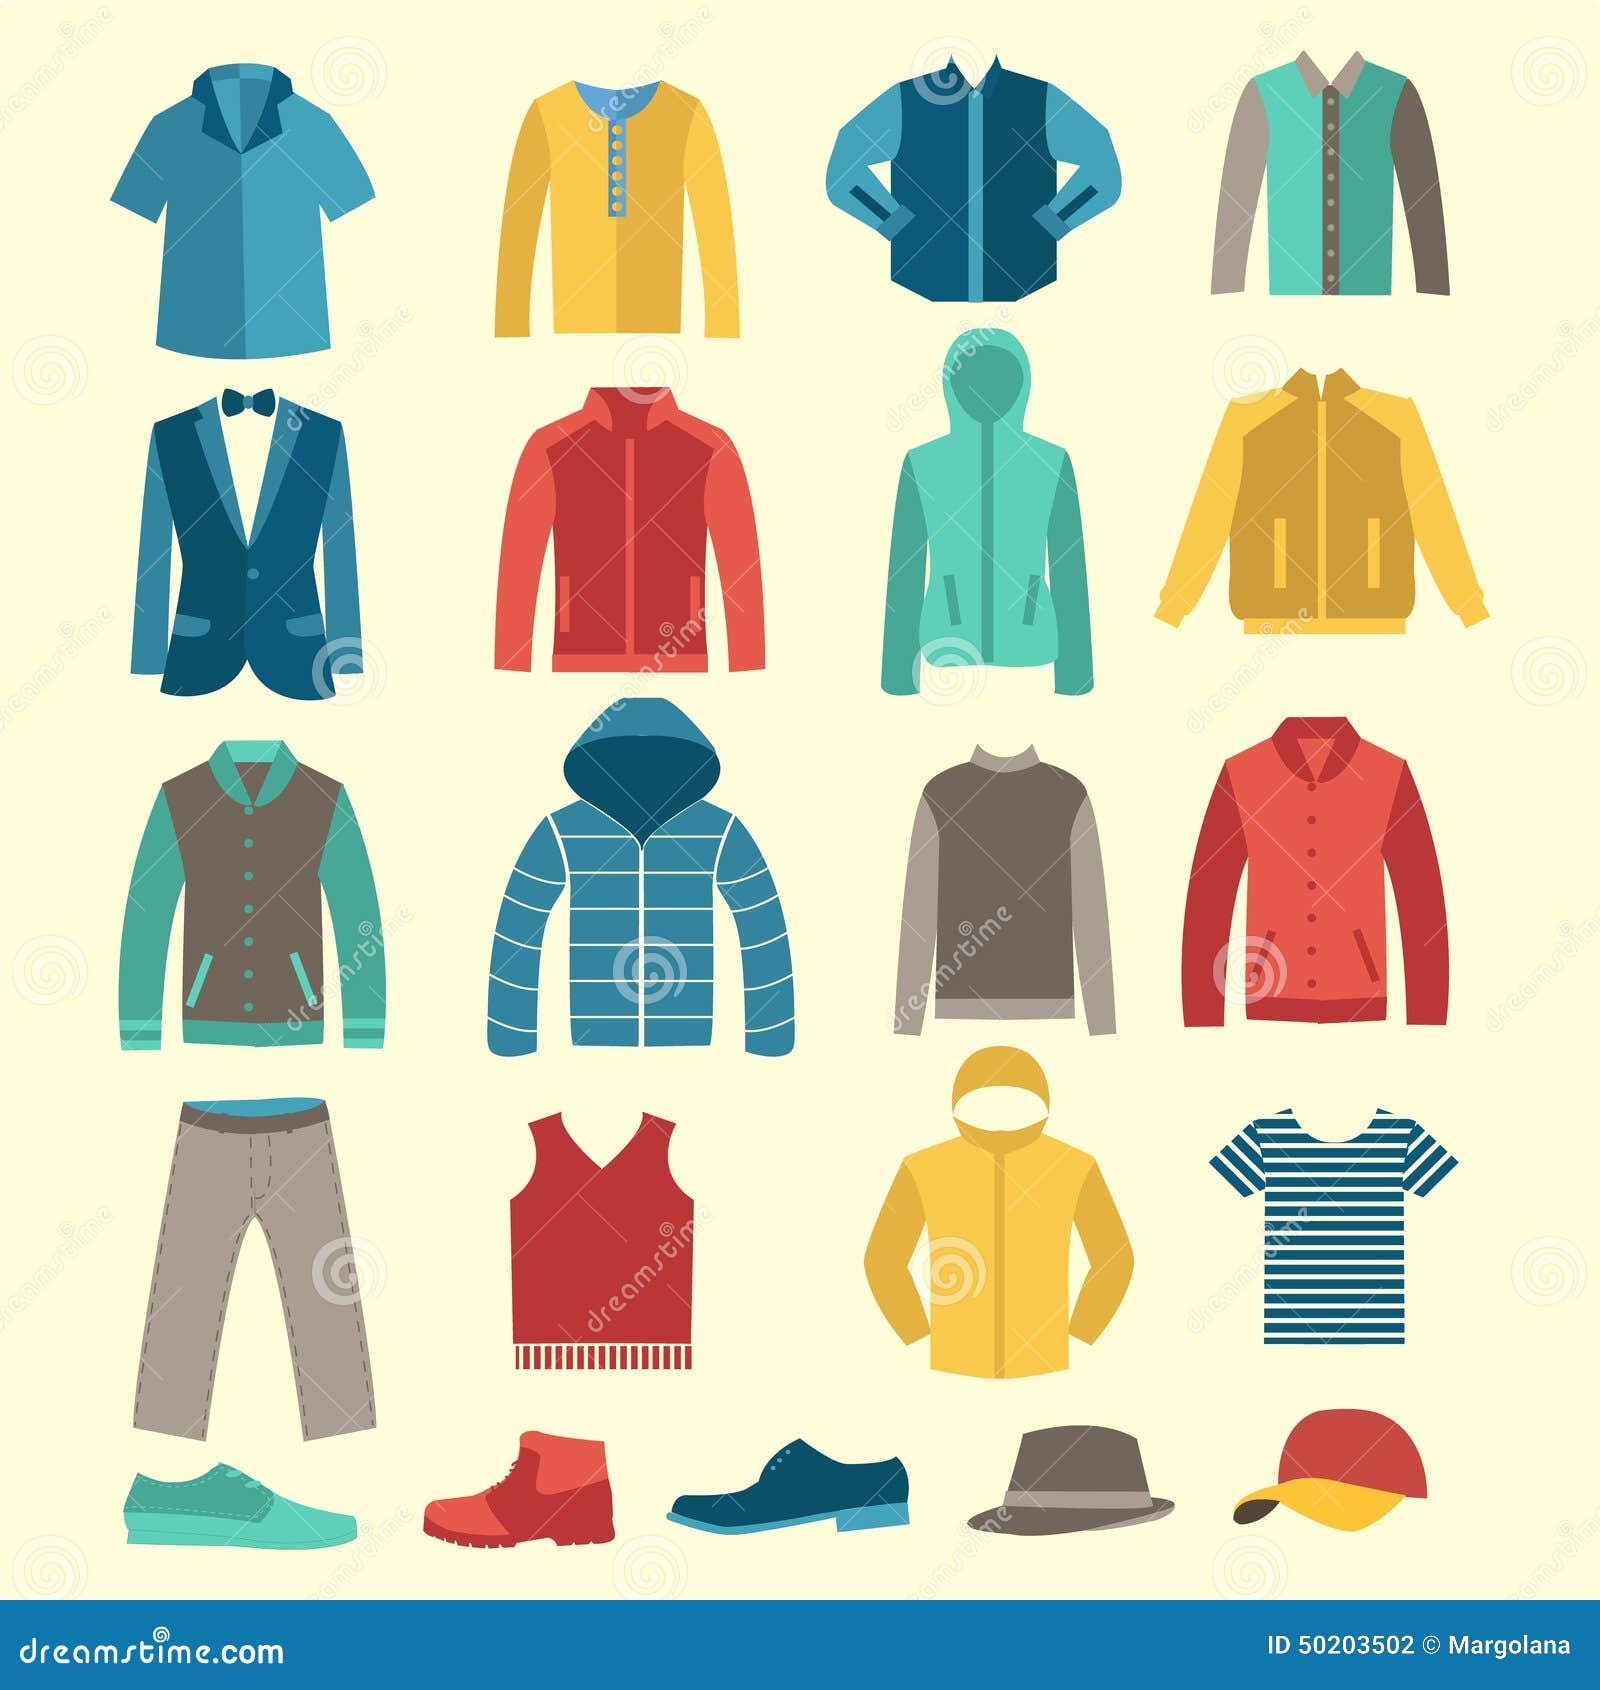 Names Of All Mens Clothes